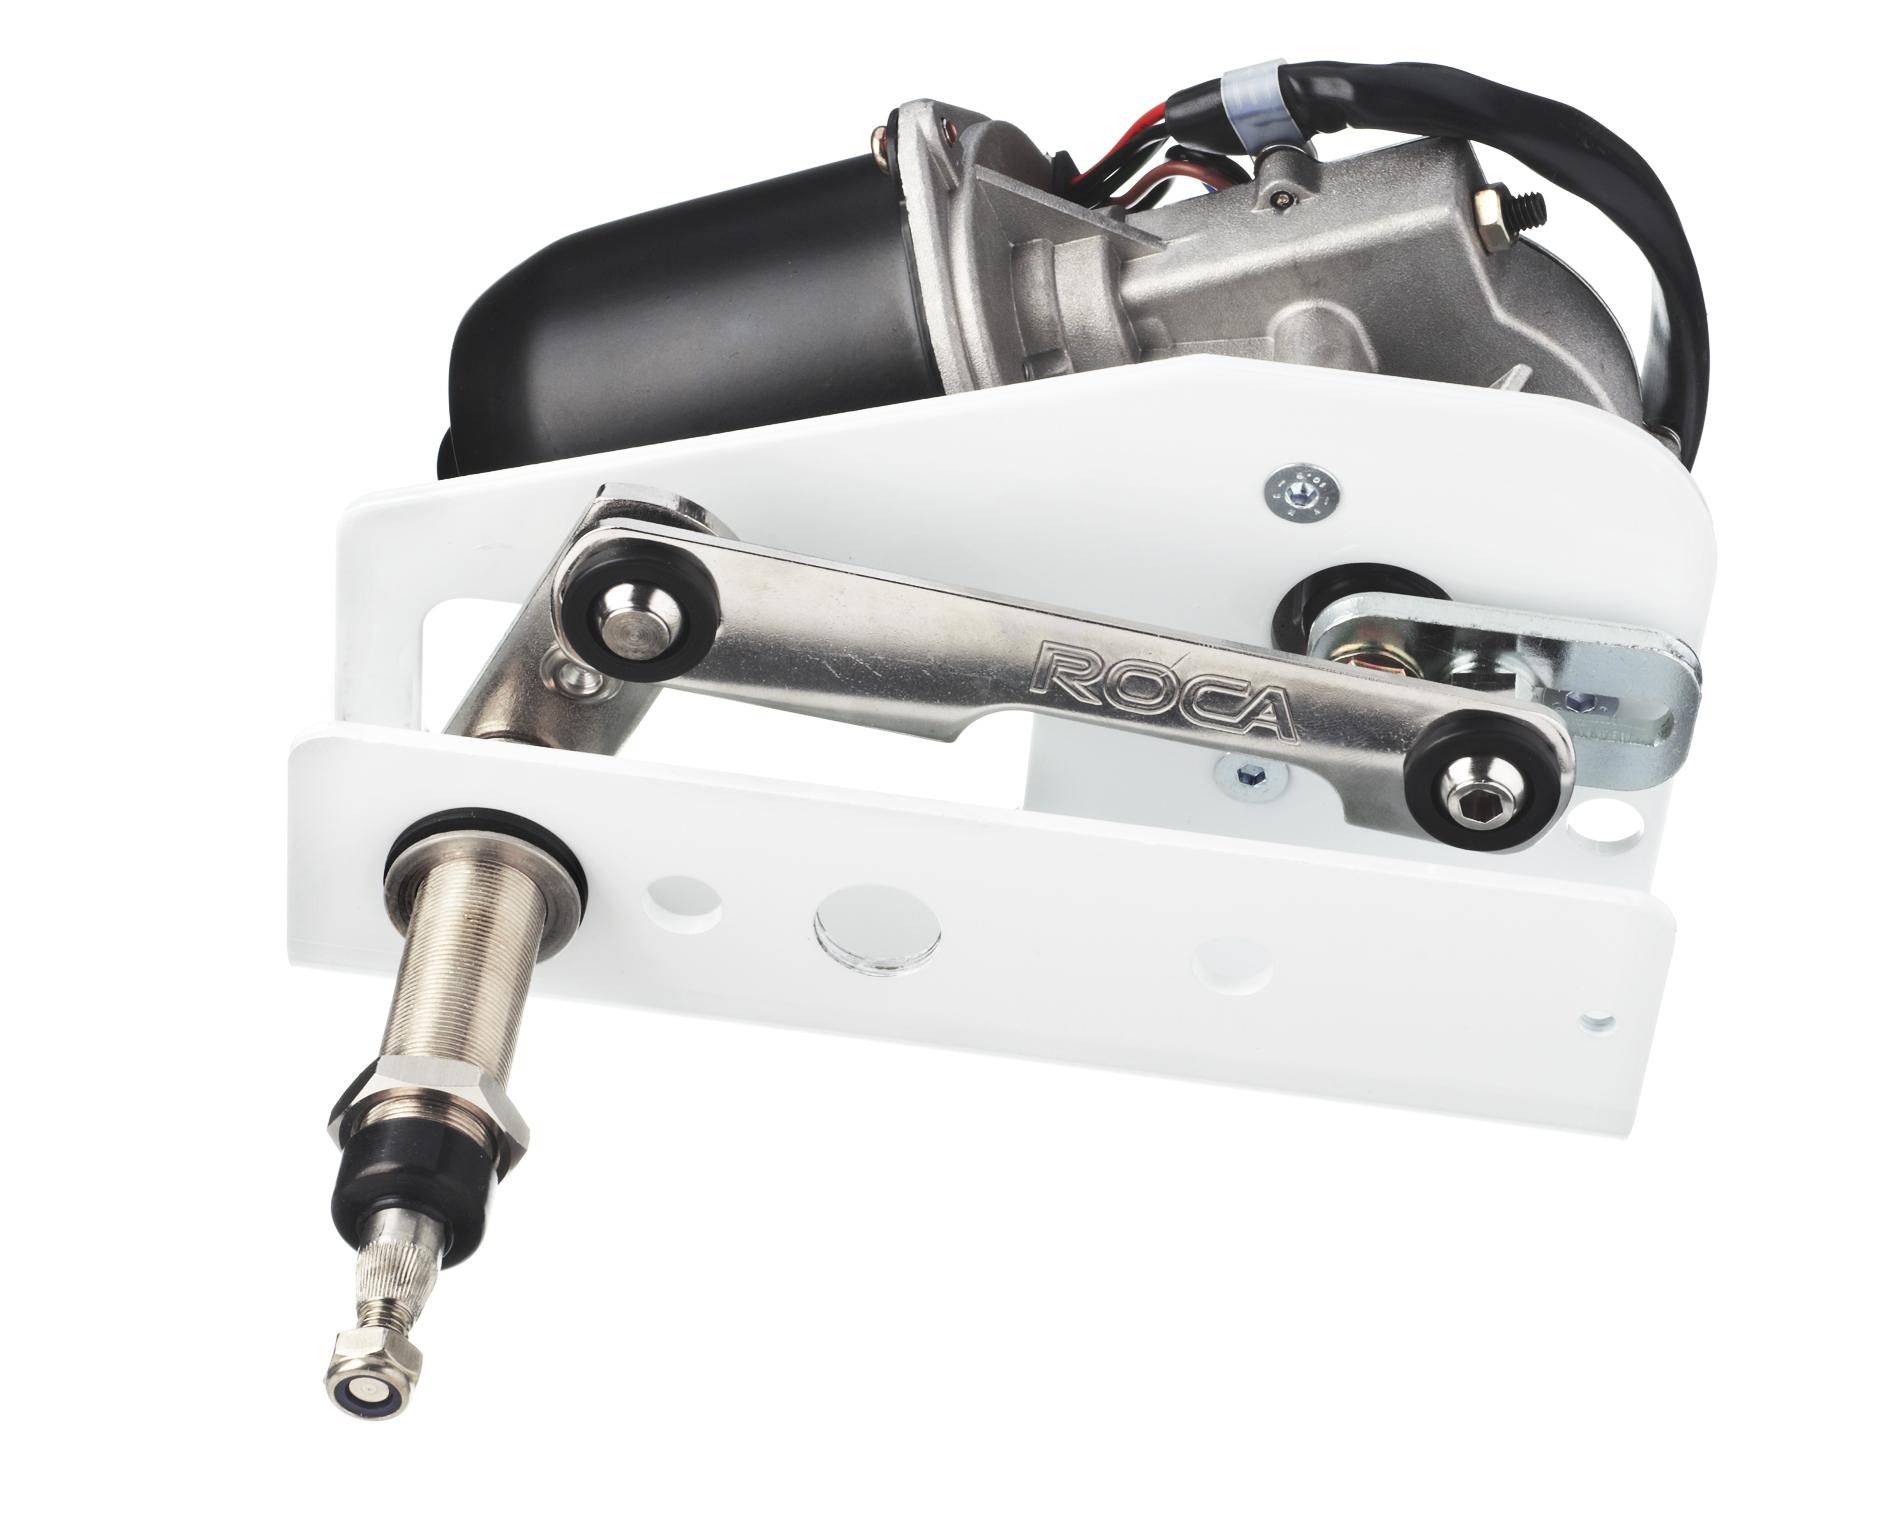 W38 Windscreen Wiper Motor Single Drive Roca Industry